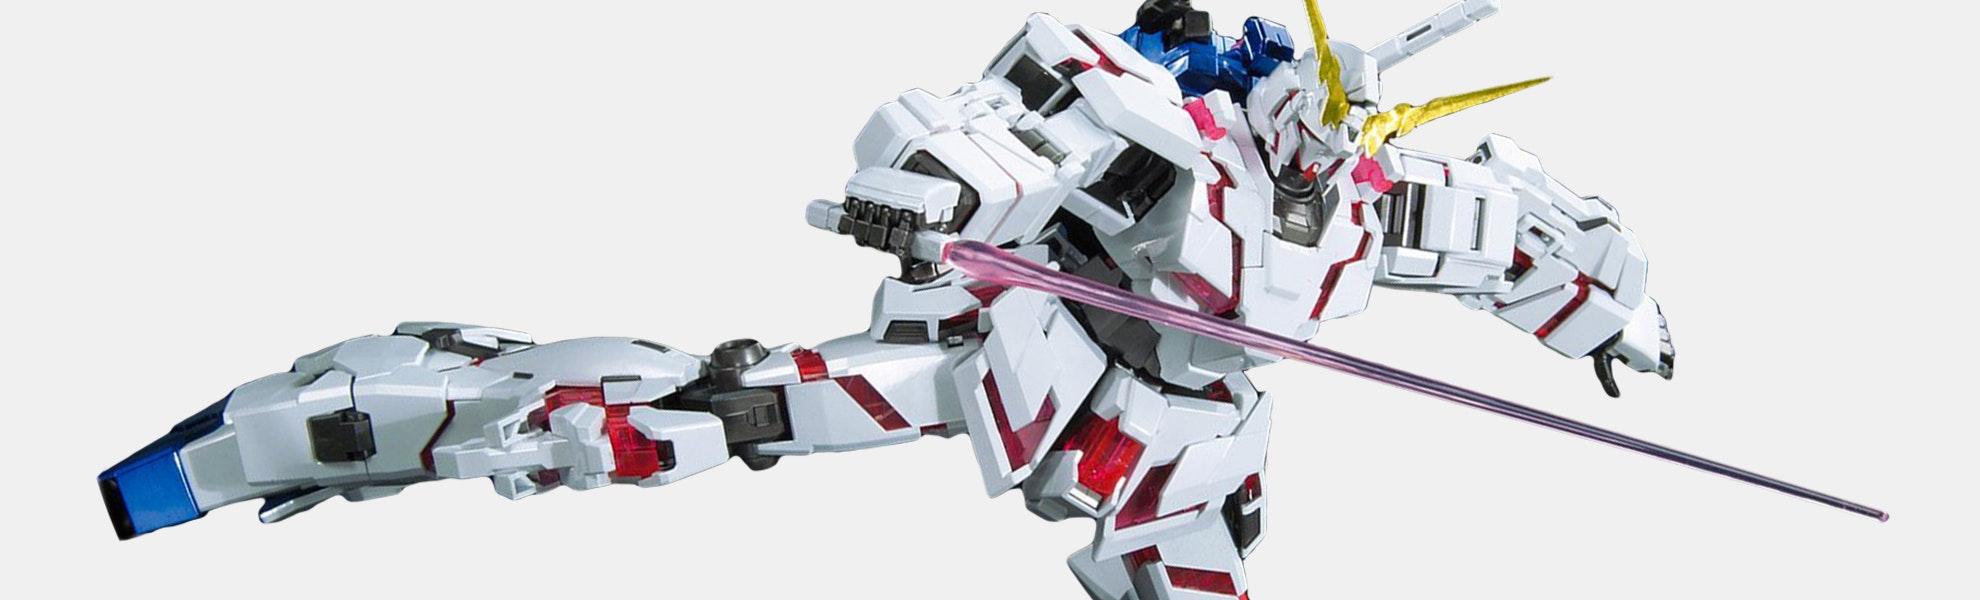 Gundam MG Unicorn Gundam Titanium Finish 1/100th